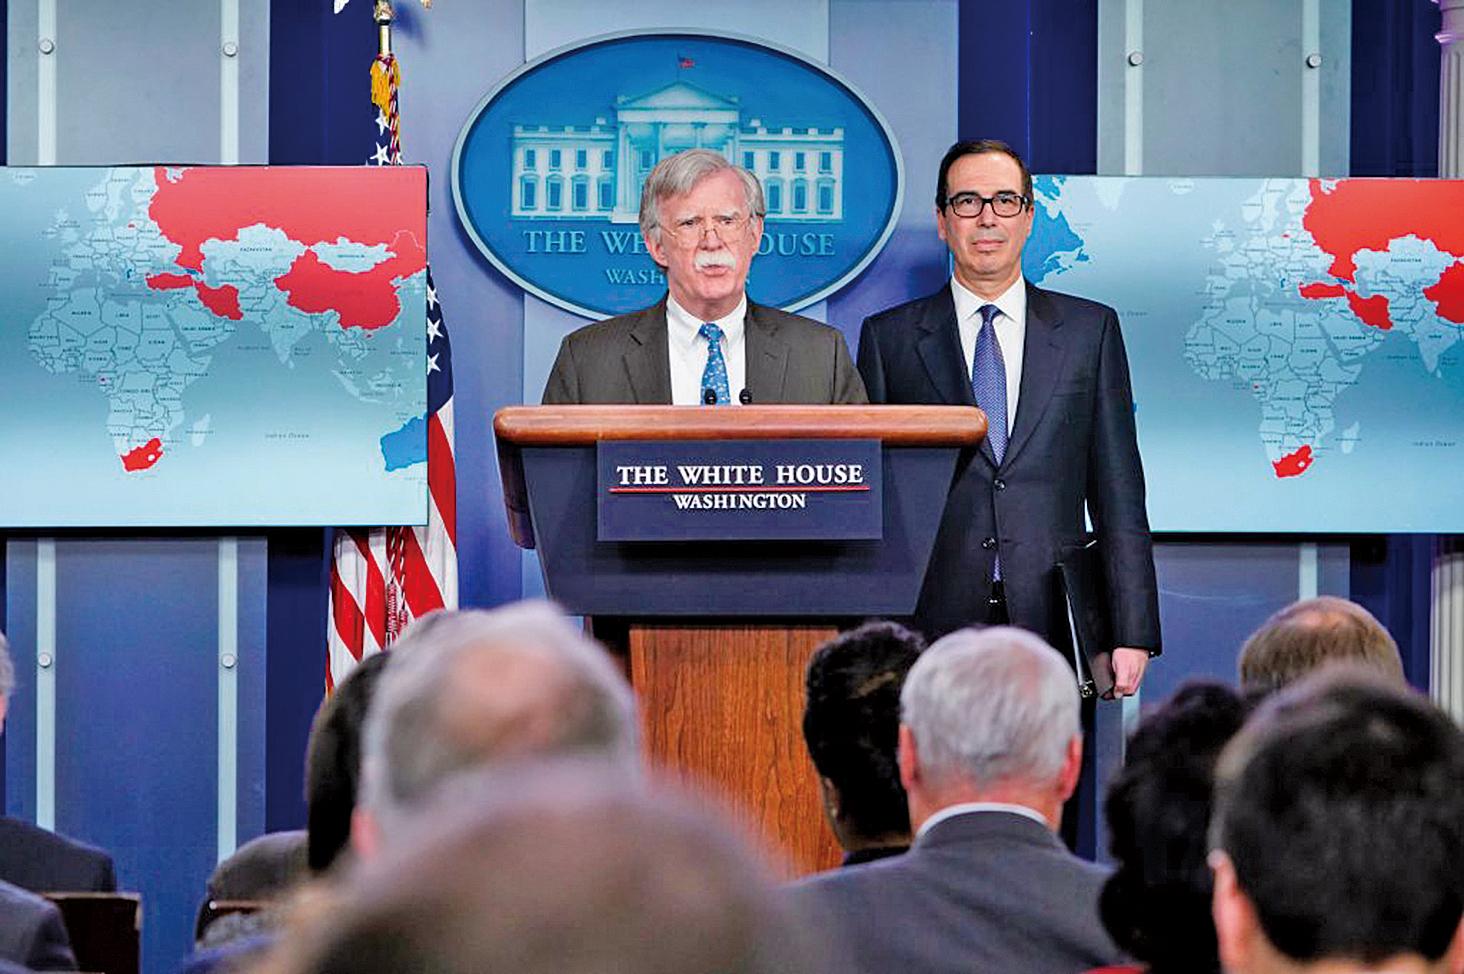 1月28日,美國財政部長梅努欽與國家安全顧問博爾頓在白宮宣佈,針對委內瑞拉國營石油公司(PDVSA)實施制裁。(AFP)